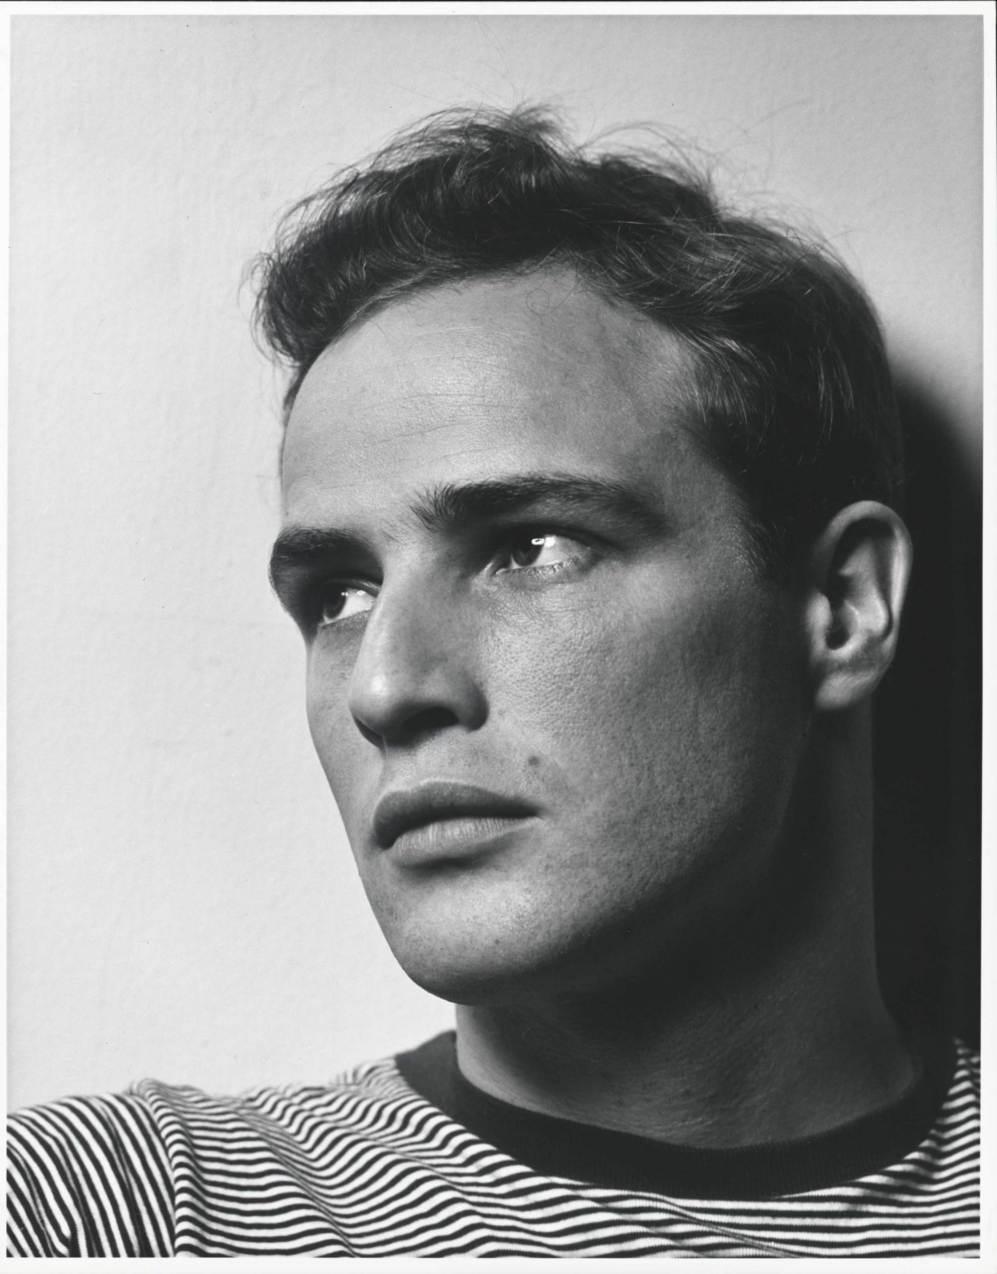 Marlon Brando, en los años 50.